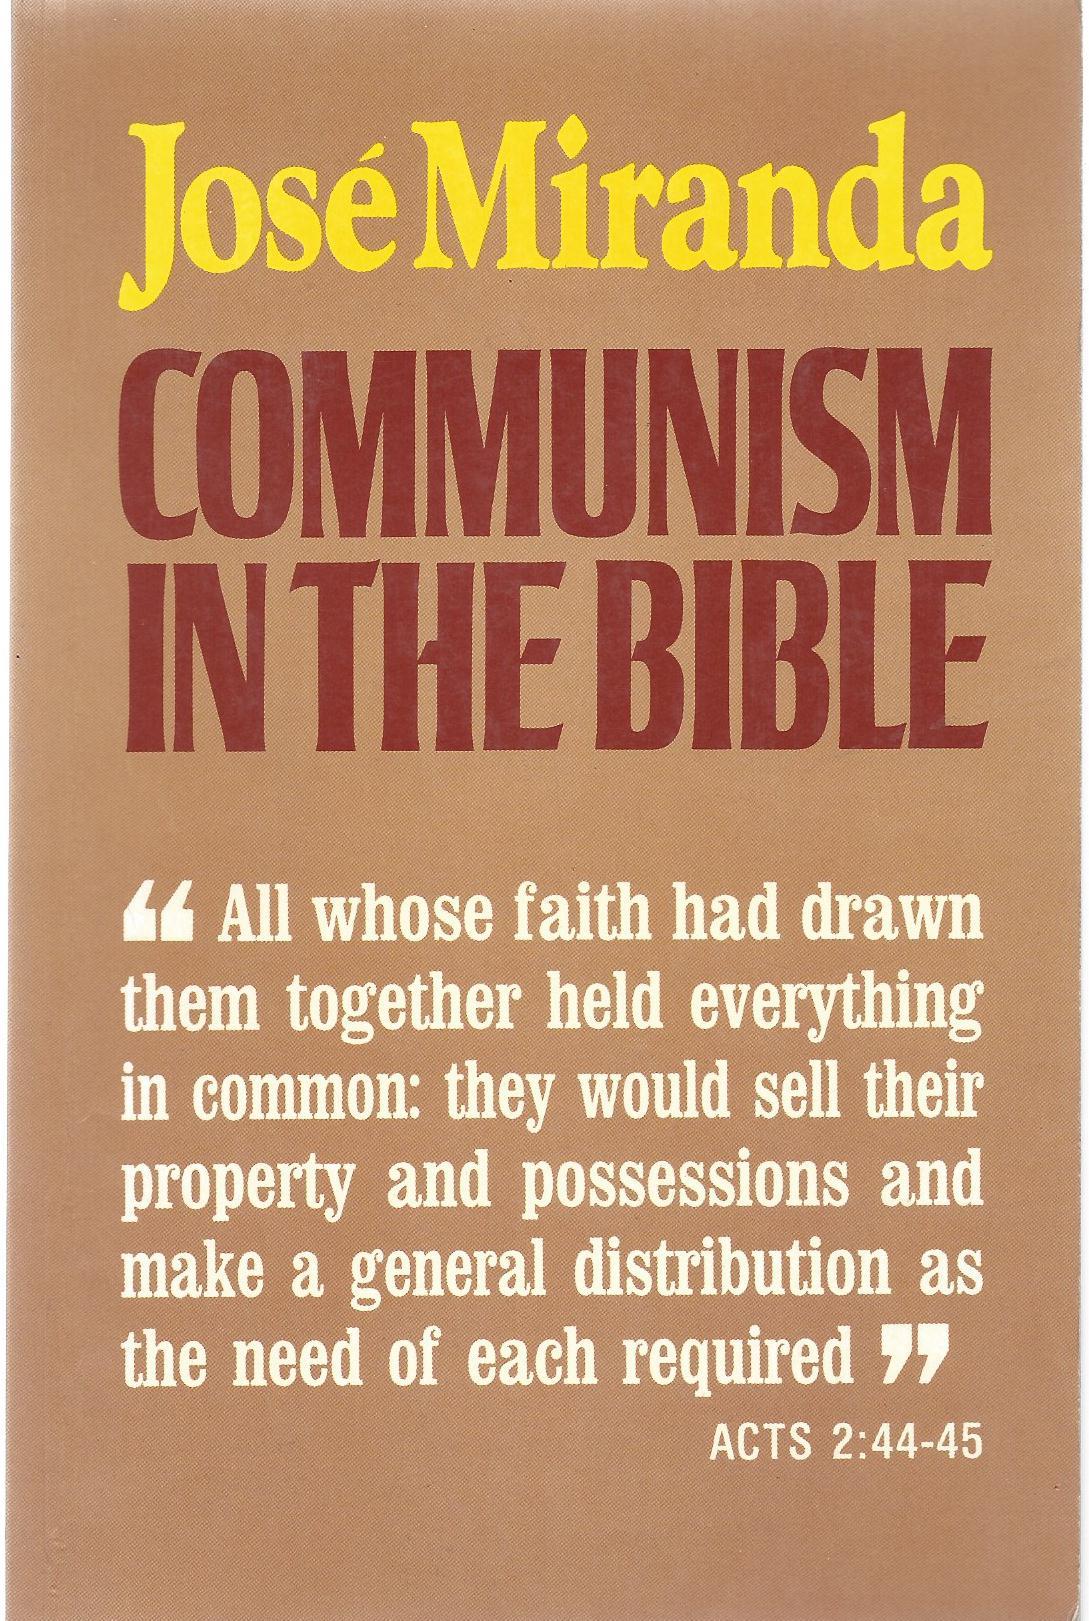 communism-in-the-bible-cuarta-edici%c2%a2n-1989-orbis-books